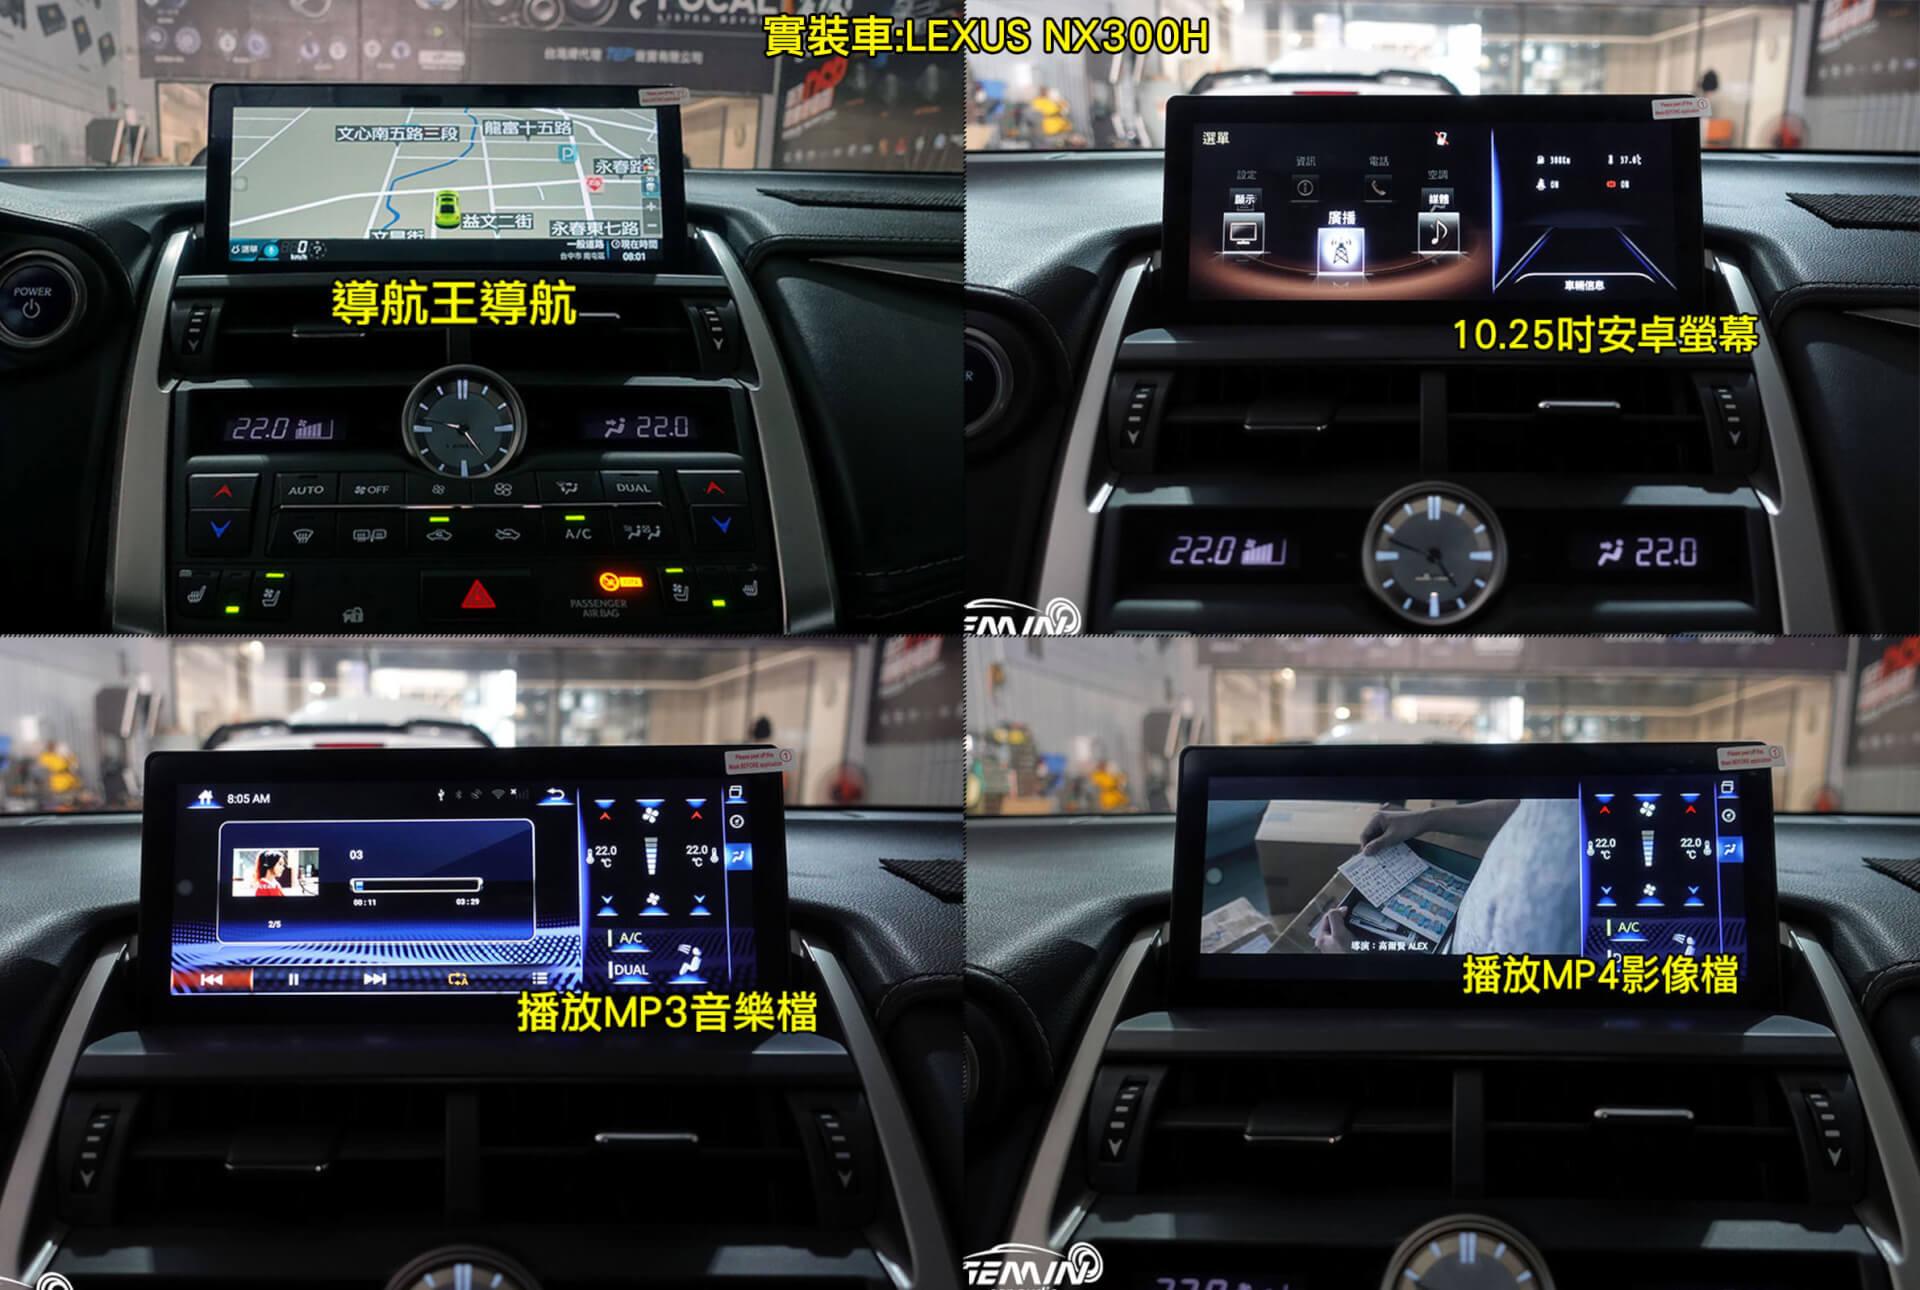 LEXUS NX300H (2014) 10.25吋安卓螢幕